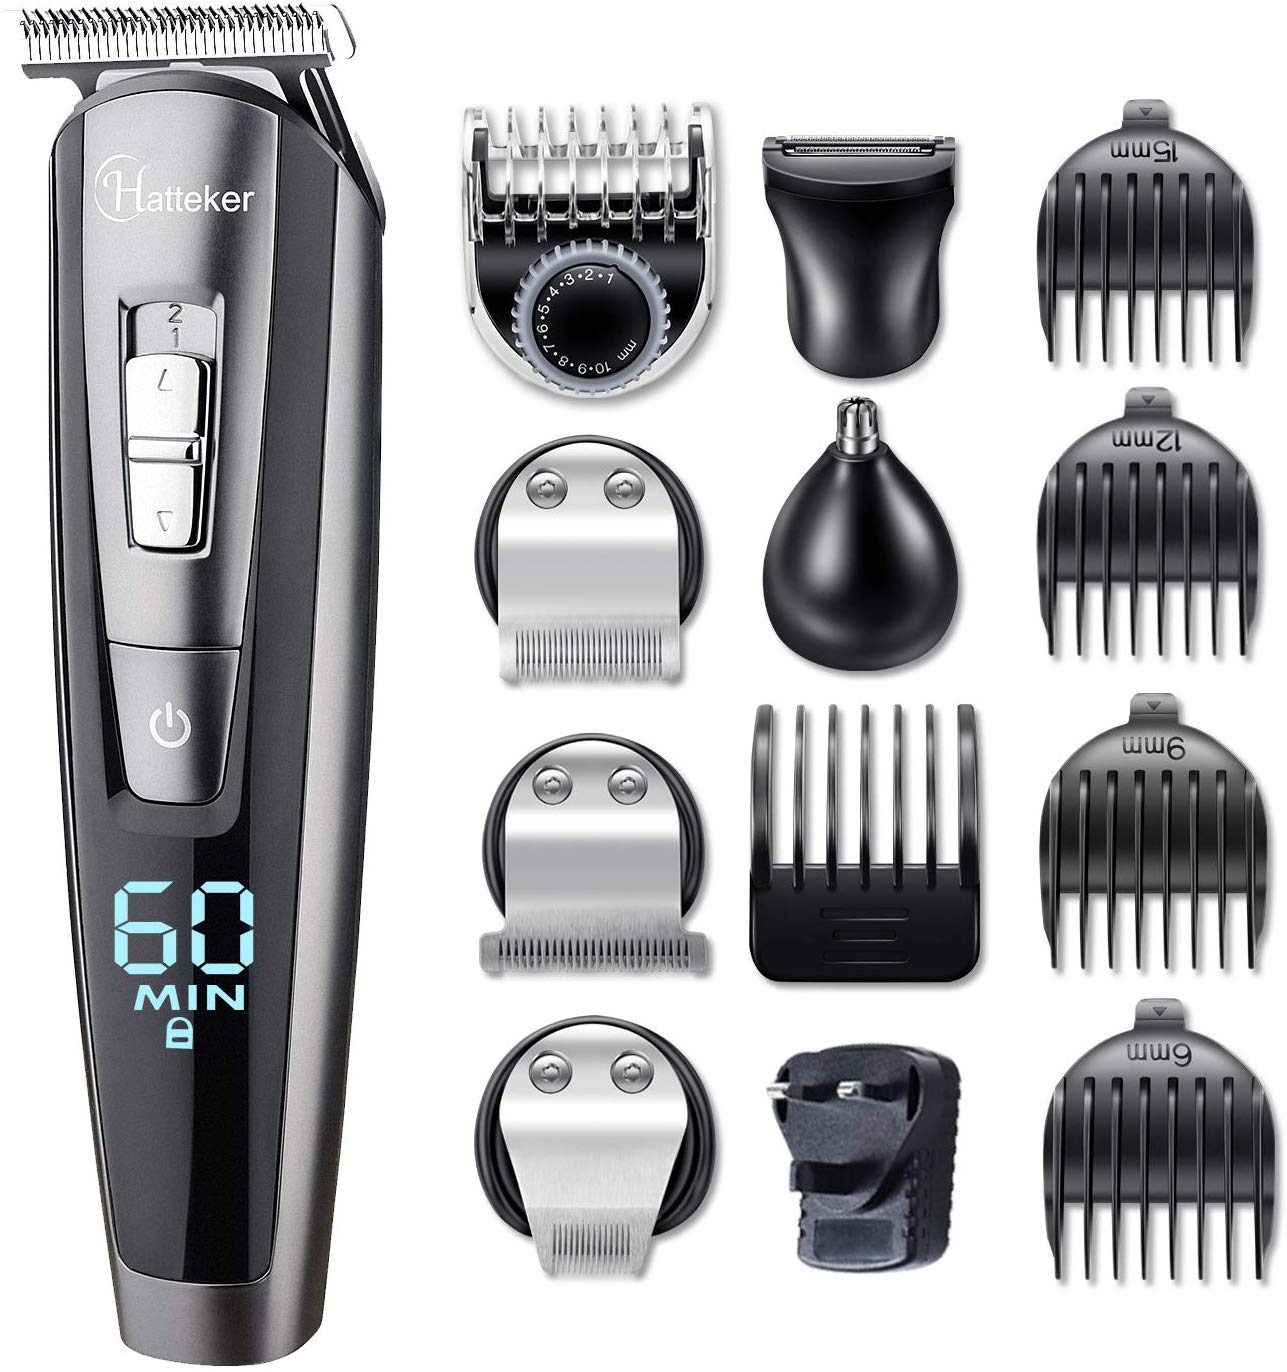 HATTEKER Beard Trimmer for Men Cordless Mustache Body Trimmer Hair Trimmer Groomer Kit